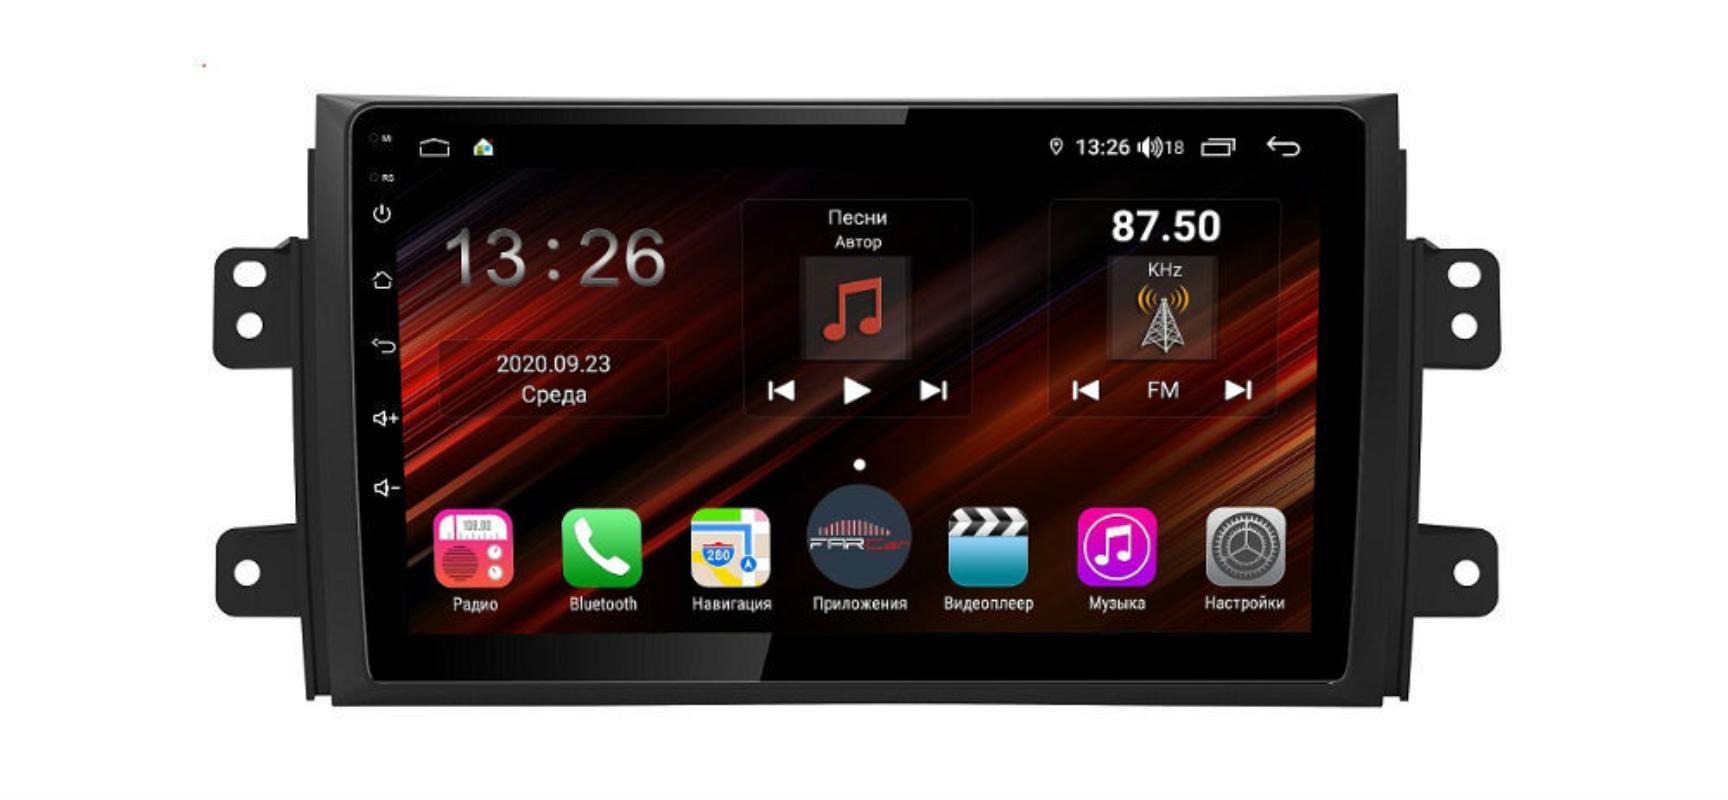 Штатная магнитола FarCar s400 Super HD для Suzuki Sx-4 на Android (XH124R) (+ Камера заднего вида в подарок!)